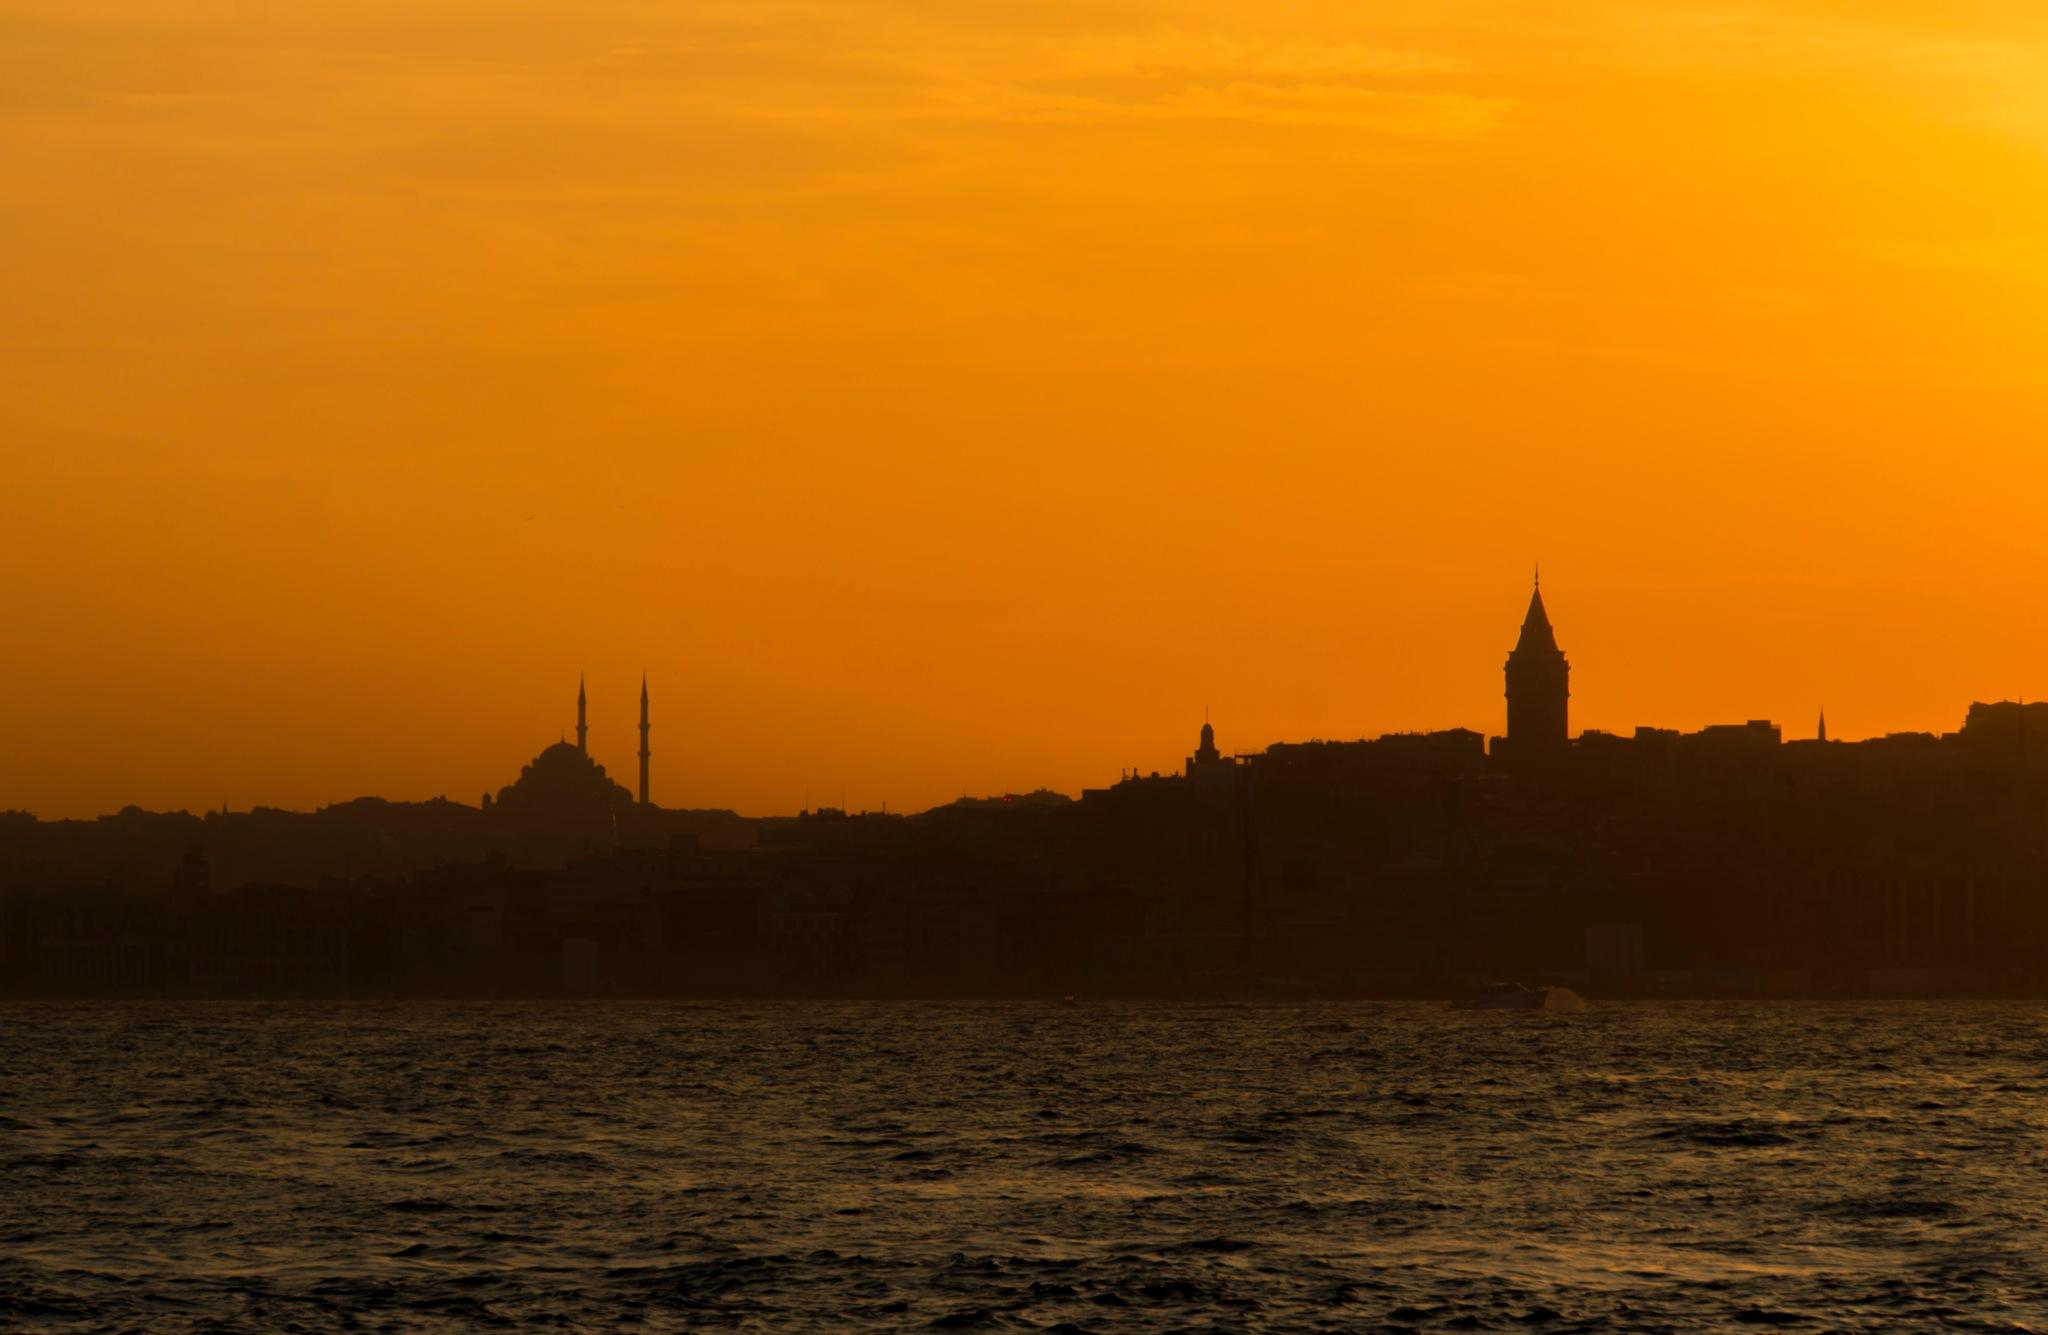 istanbul-II by lizardofthewisard